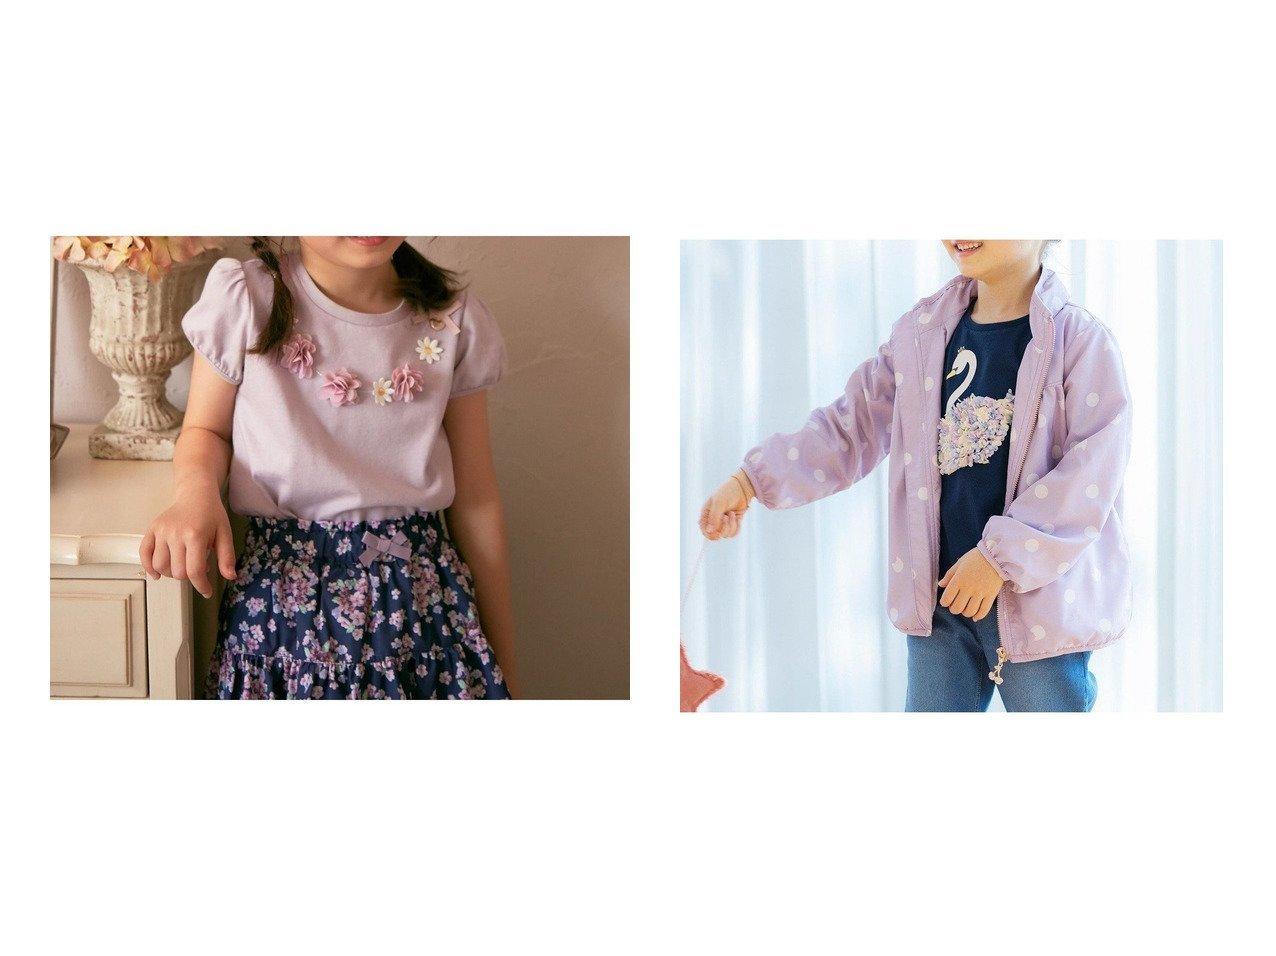 【anyFAM / KIDS/エニファム】のフラワーモチーフネックレス風 パフスリーブTシャツ&フードがまとめられる ポケッタブル 総柄ブルゾン 【KIDS】子供服のおすすめ!人気トレンド・キッズファッションの通販  おすすめで人気の流行・トレンド、ファッションの通販商品 メンズファッション・キッズファッション・インテリア・家具・レディースファッション・服の通販 founy(ファニー) https://founy.com/ ファッション Fashion キッズファッション KIDS アウター Coat Outerwear /Kids トップス・カットソー Tops/Tees/Kids ジャケット チェリー ネコ 人気 ブルゾン ポケット メッシュ モチーフ 送料無料 Free Shipping |ID:crp329100000034857